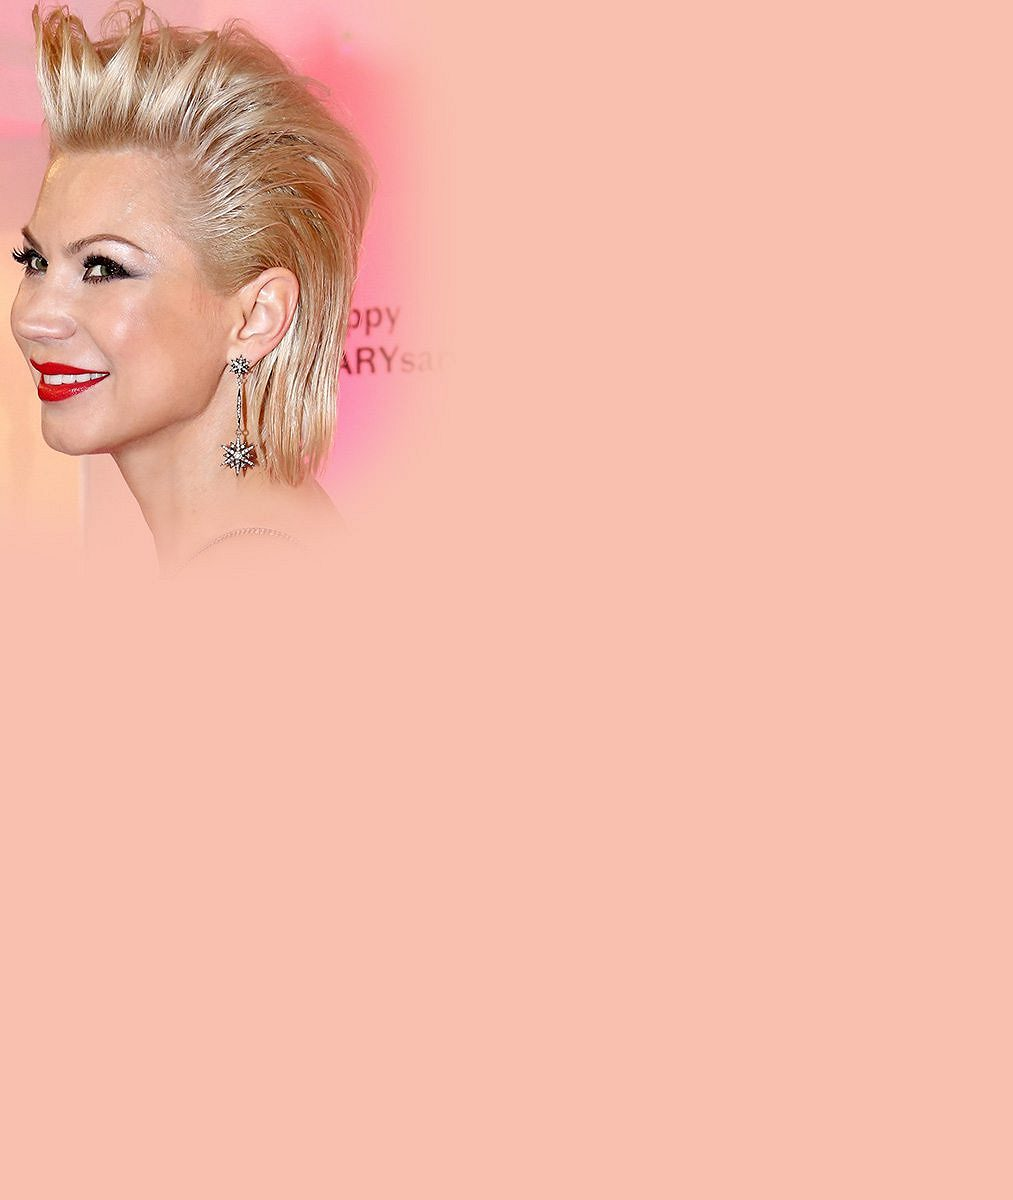 Kvůli figuře Marilyn Monroe se z ní modelka nestala. I tak ale tato návrhářka provokuje před objektivem